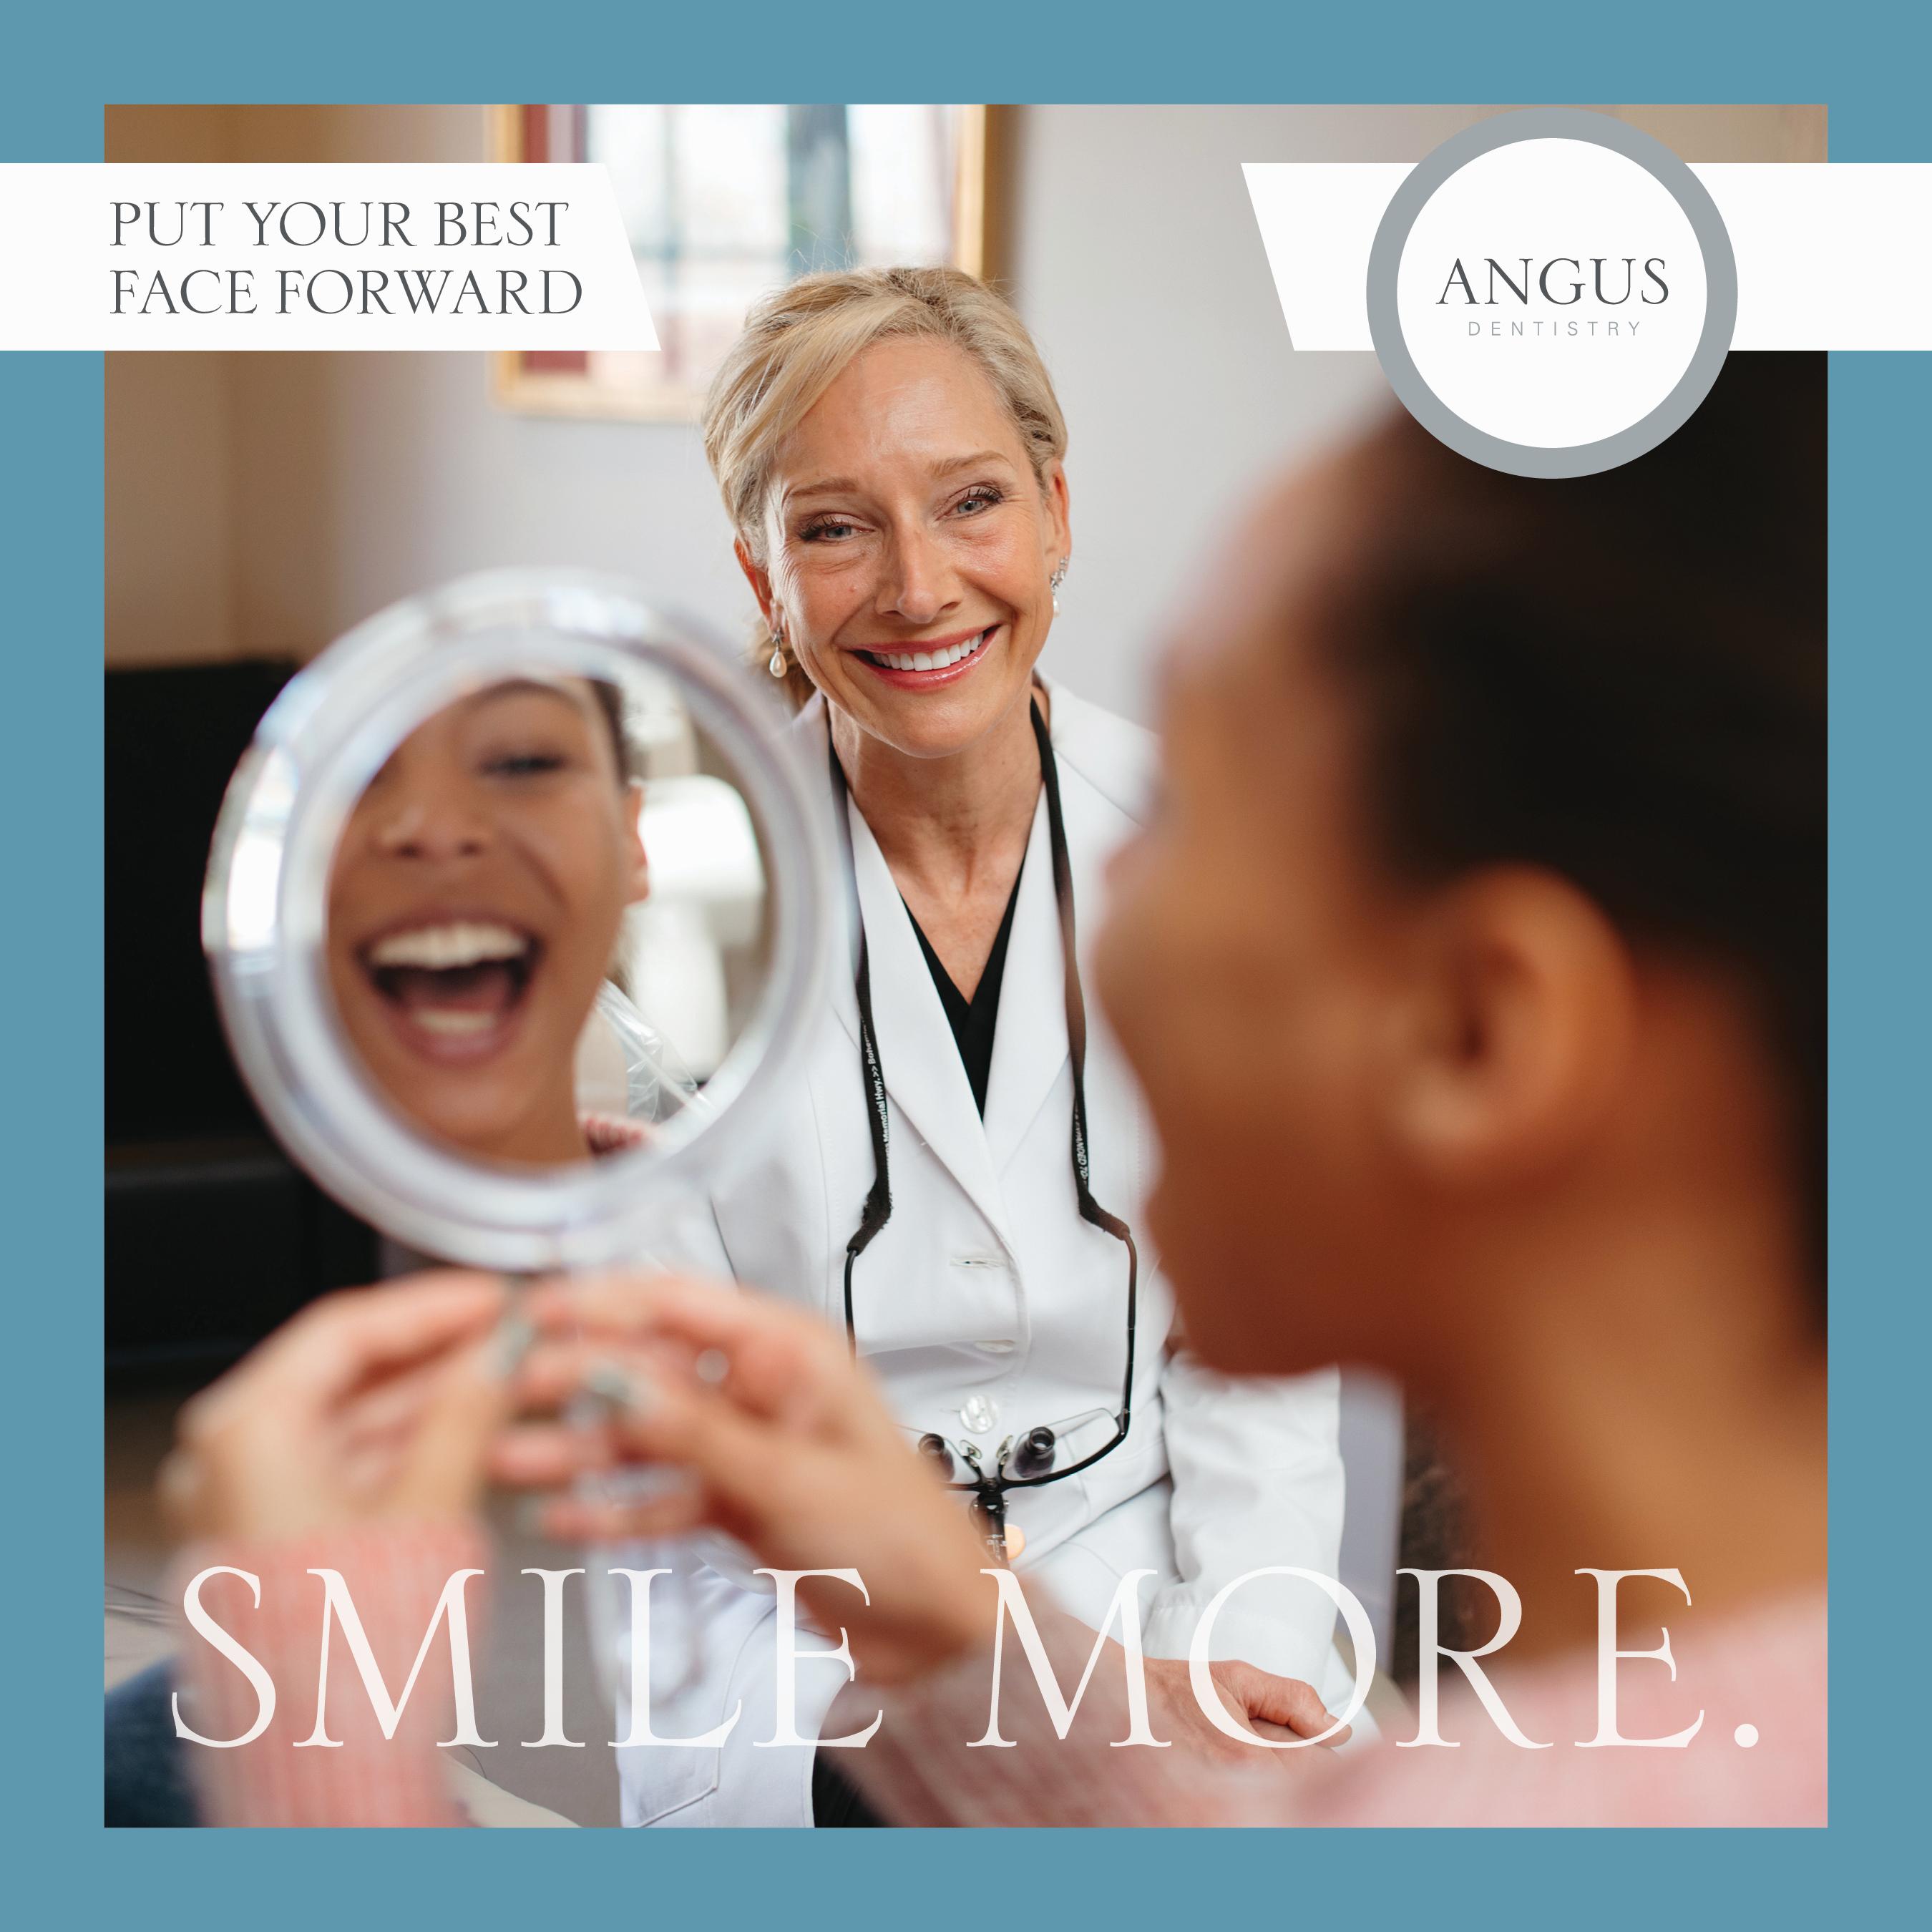 Angus-21-01-SMILE-MORE